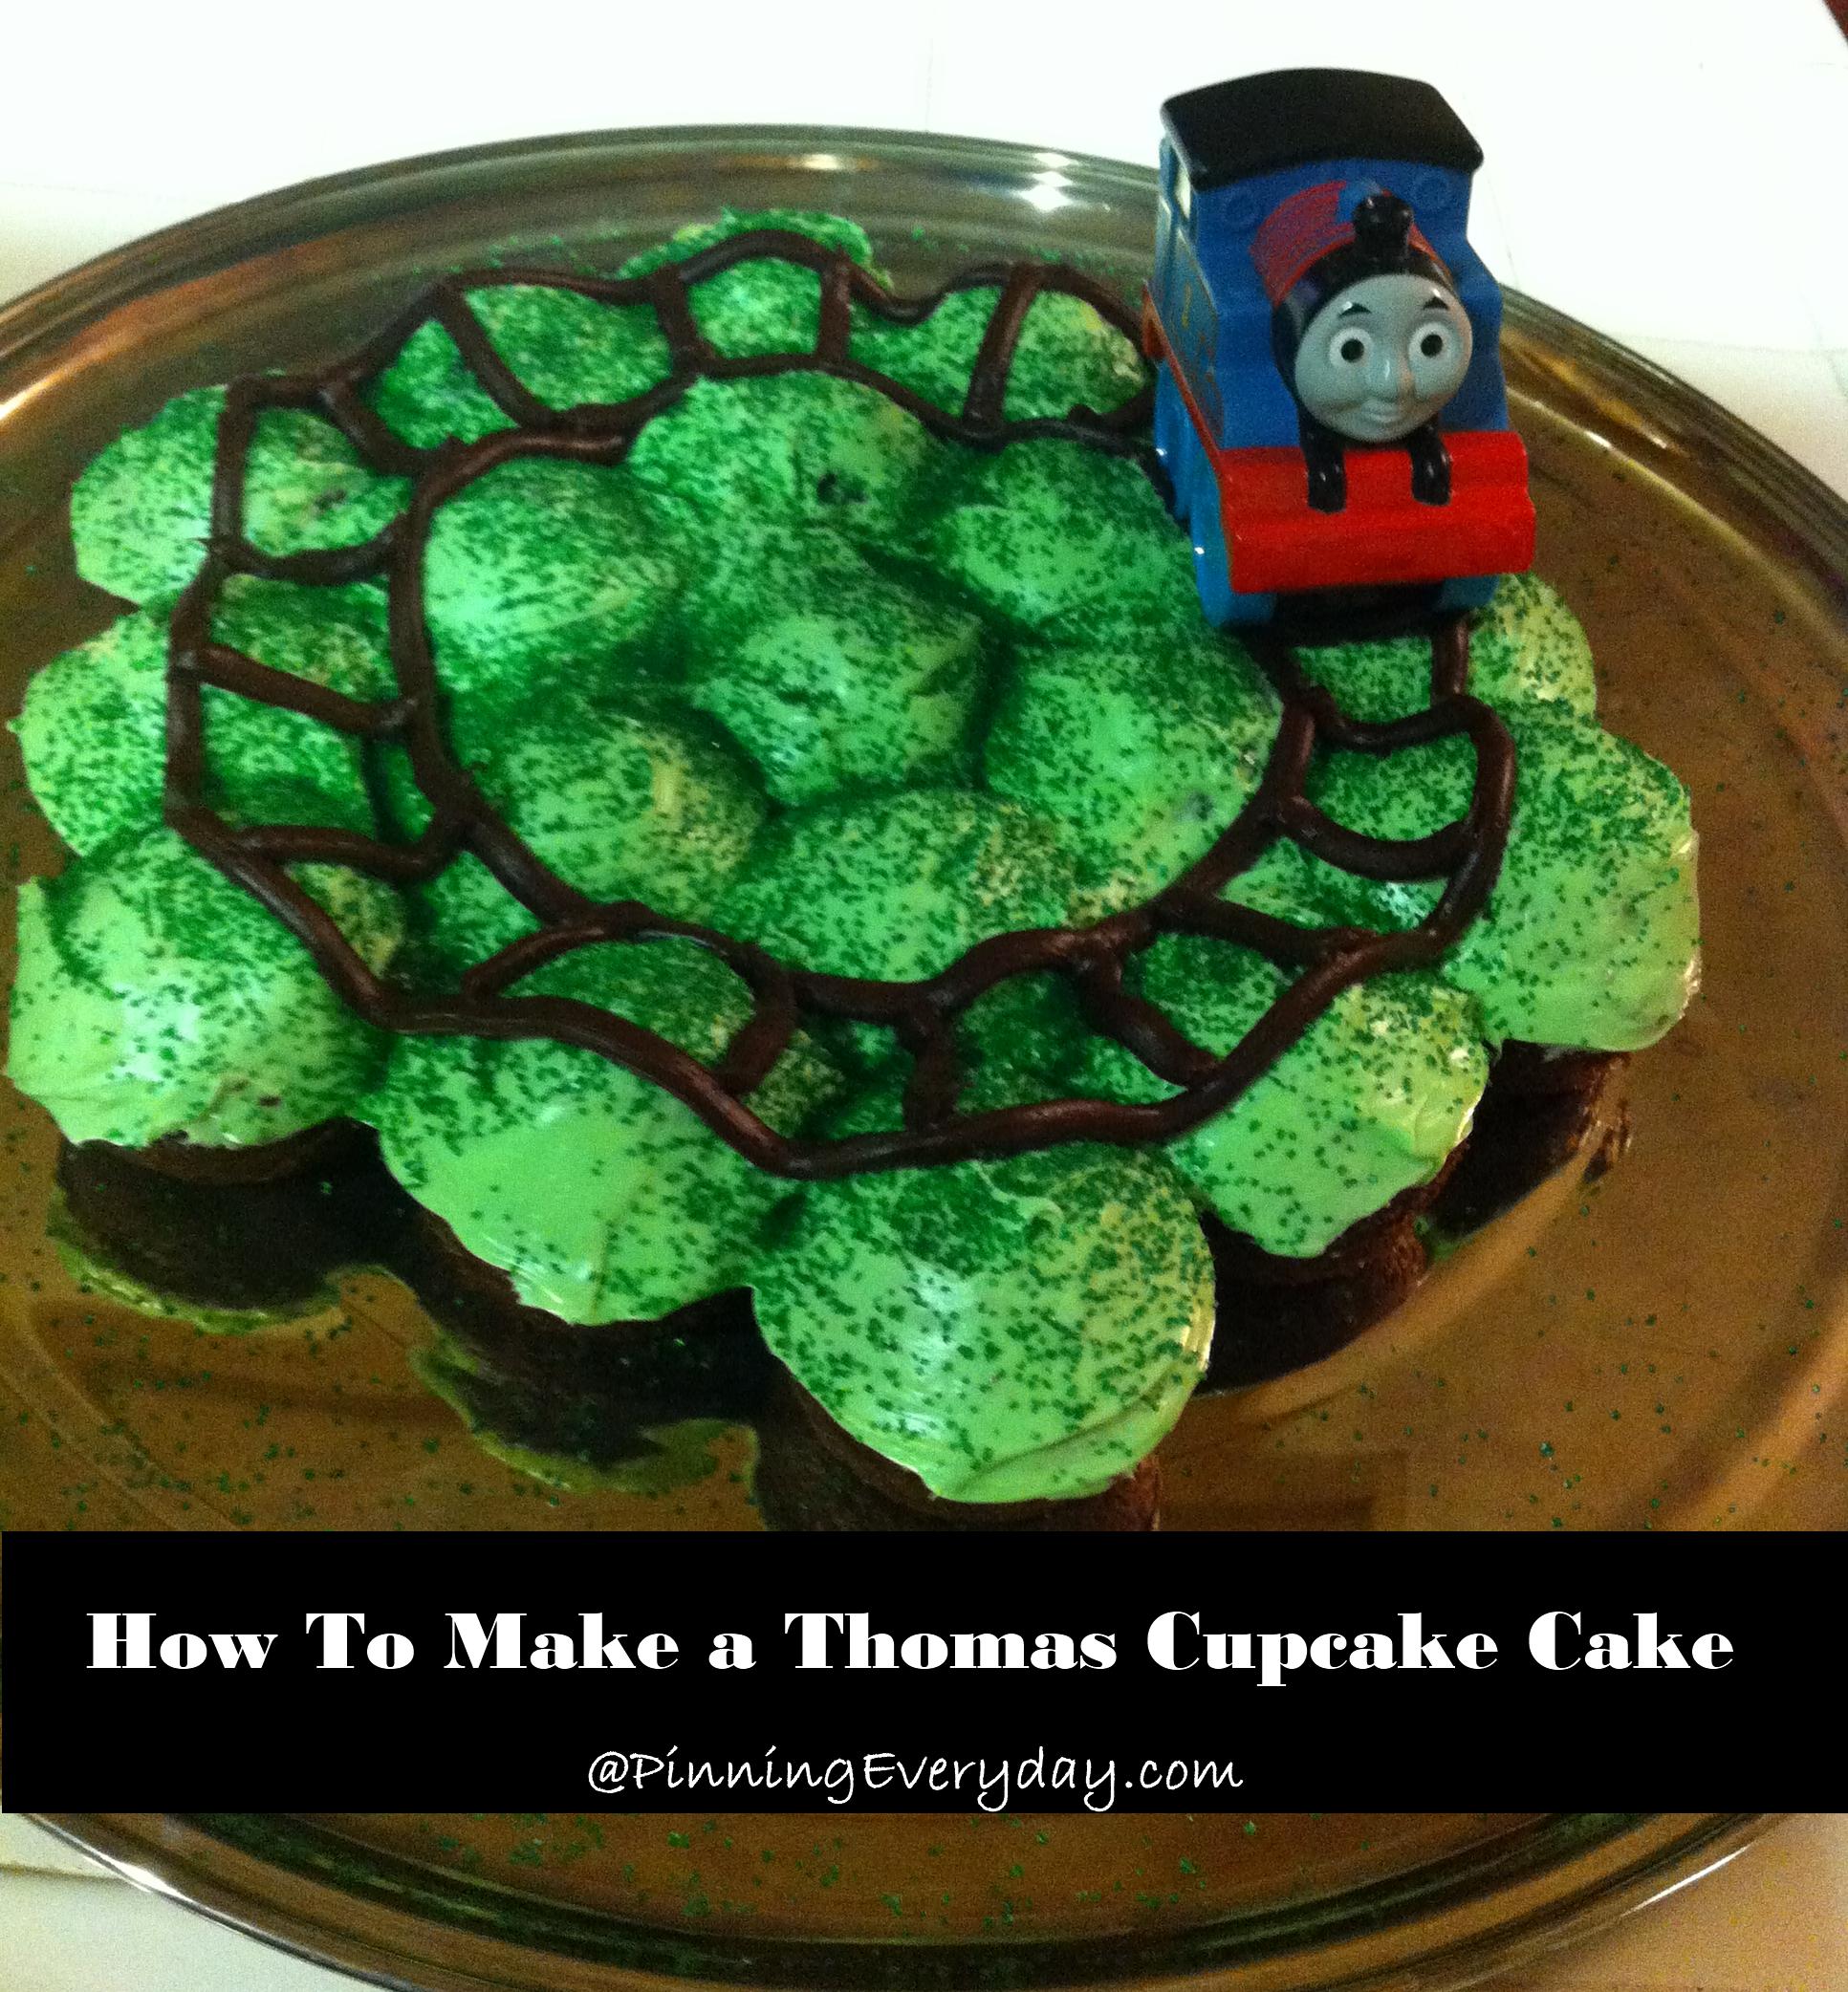 Thomas Cupcake Cake